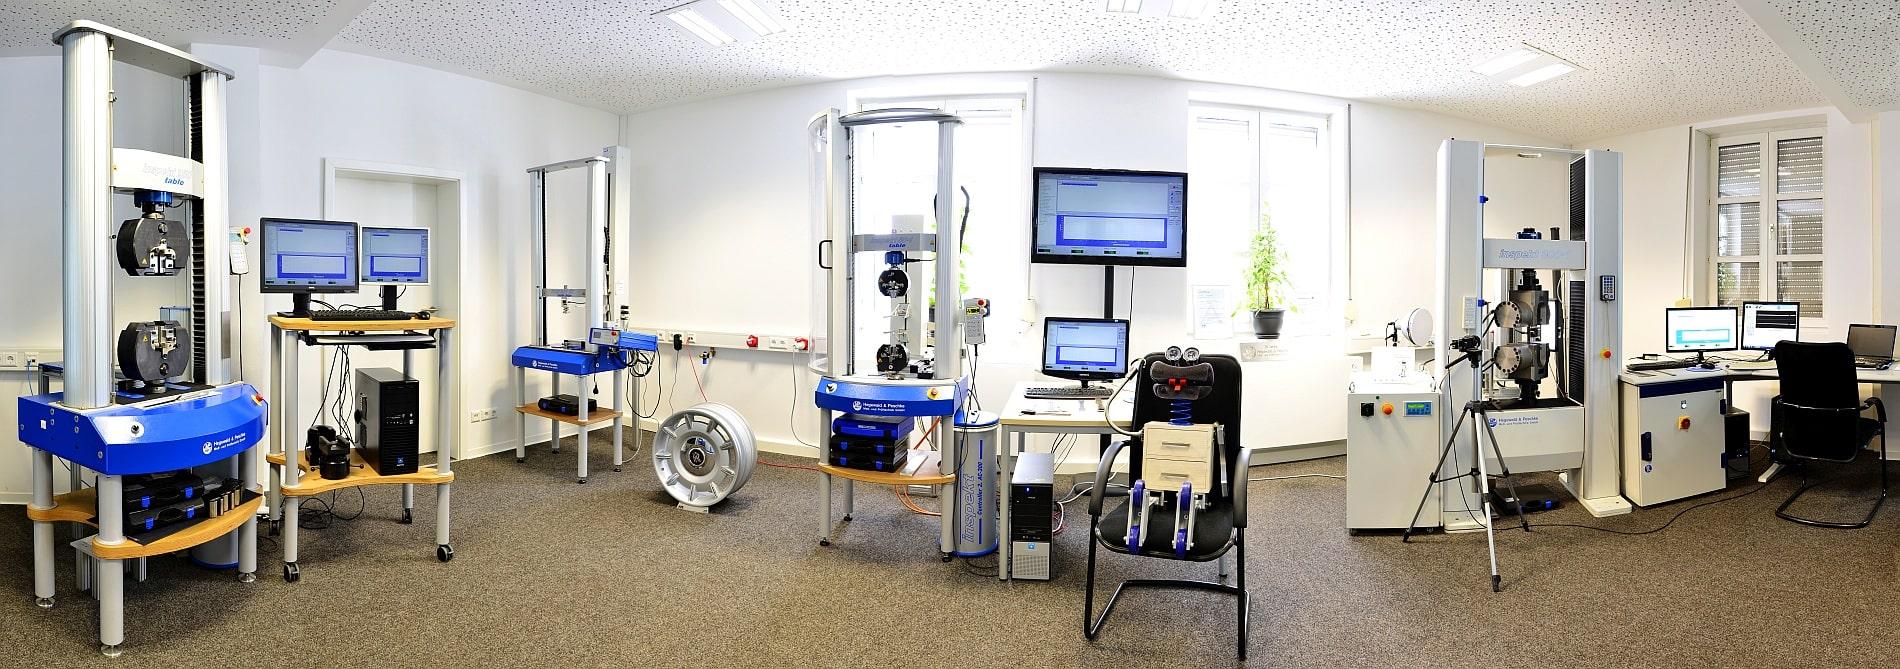 Hegewald & Peschke Meß- und Prüftechnik GmbH univerzalne kidalice za ispitivanje mehaničkih svojstava